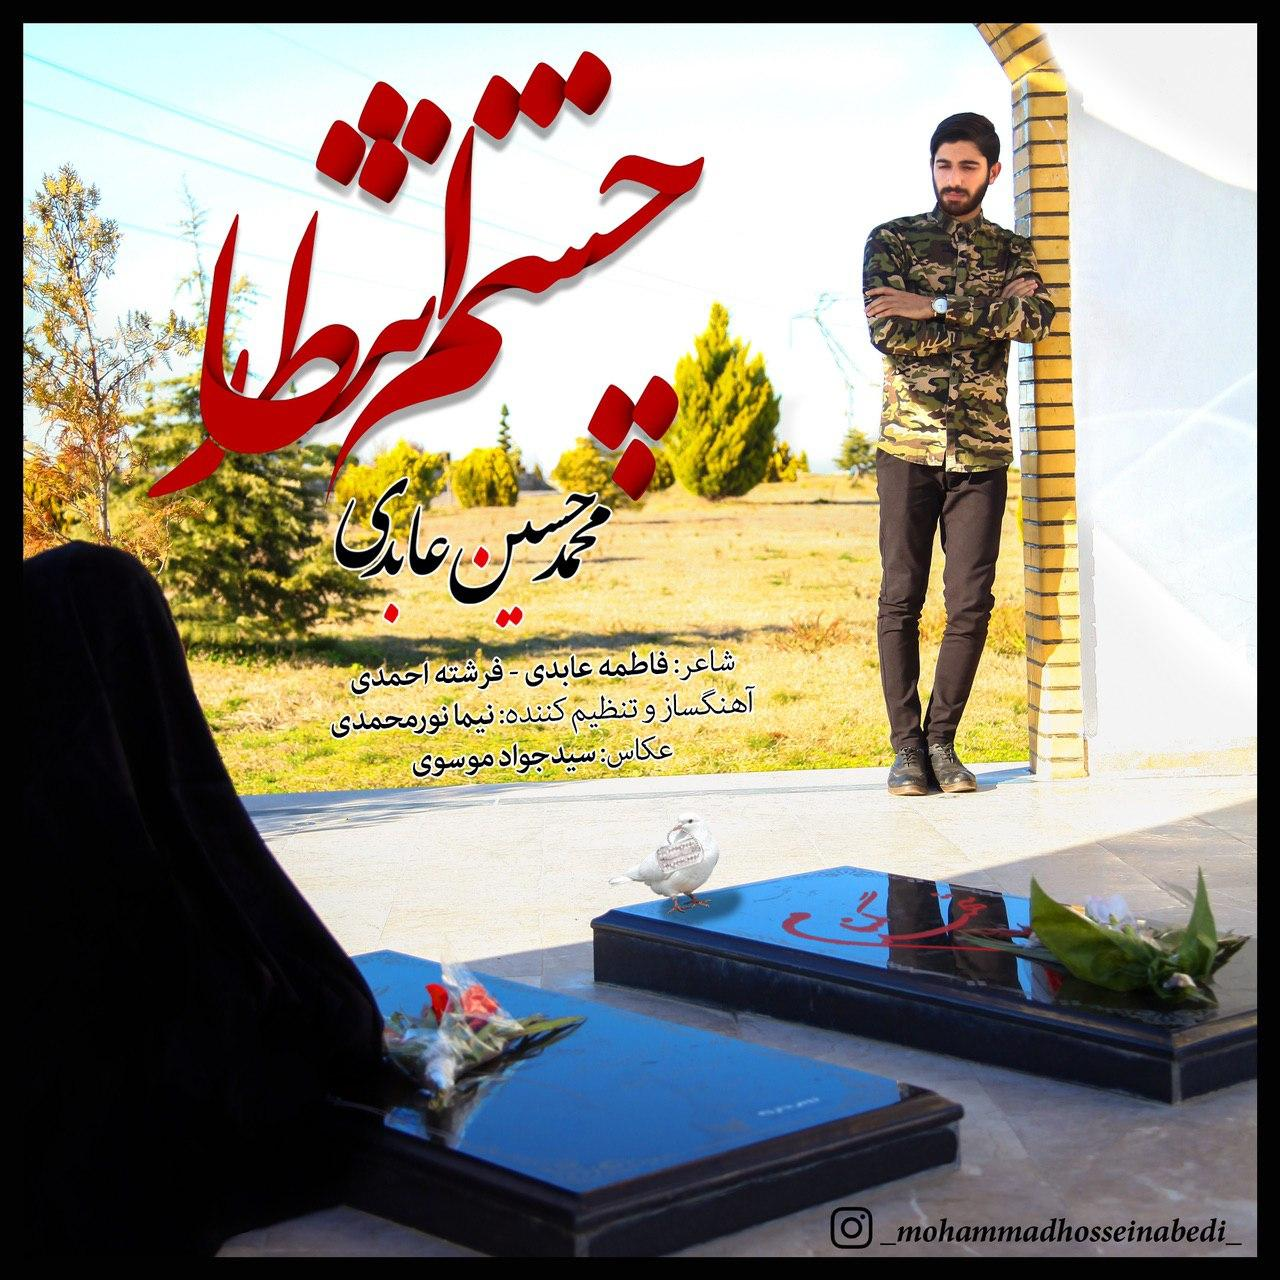 MohammadHossein Abedi – Cheshm Entezar